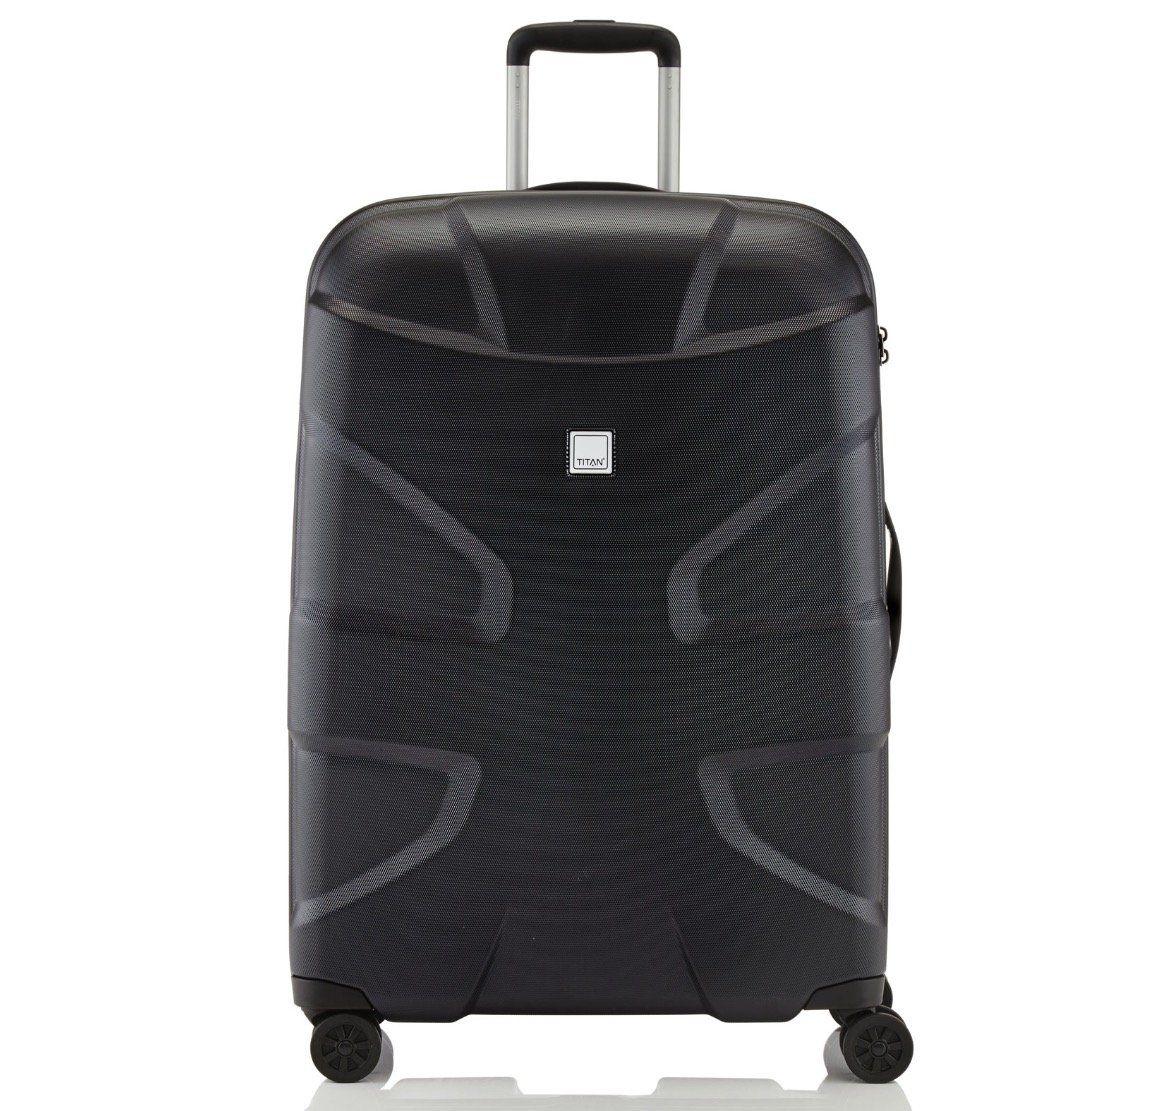 Titan X2 Flash 4 Rollen Trolley mit 76 cm Höhe für 69,99€ (statt 90€)